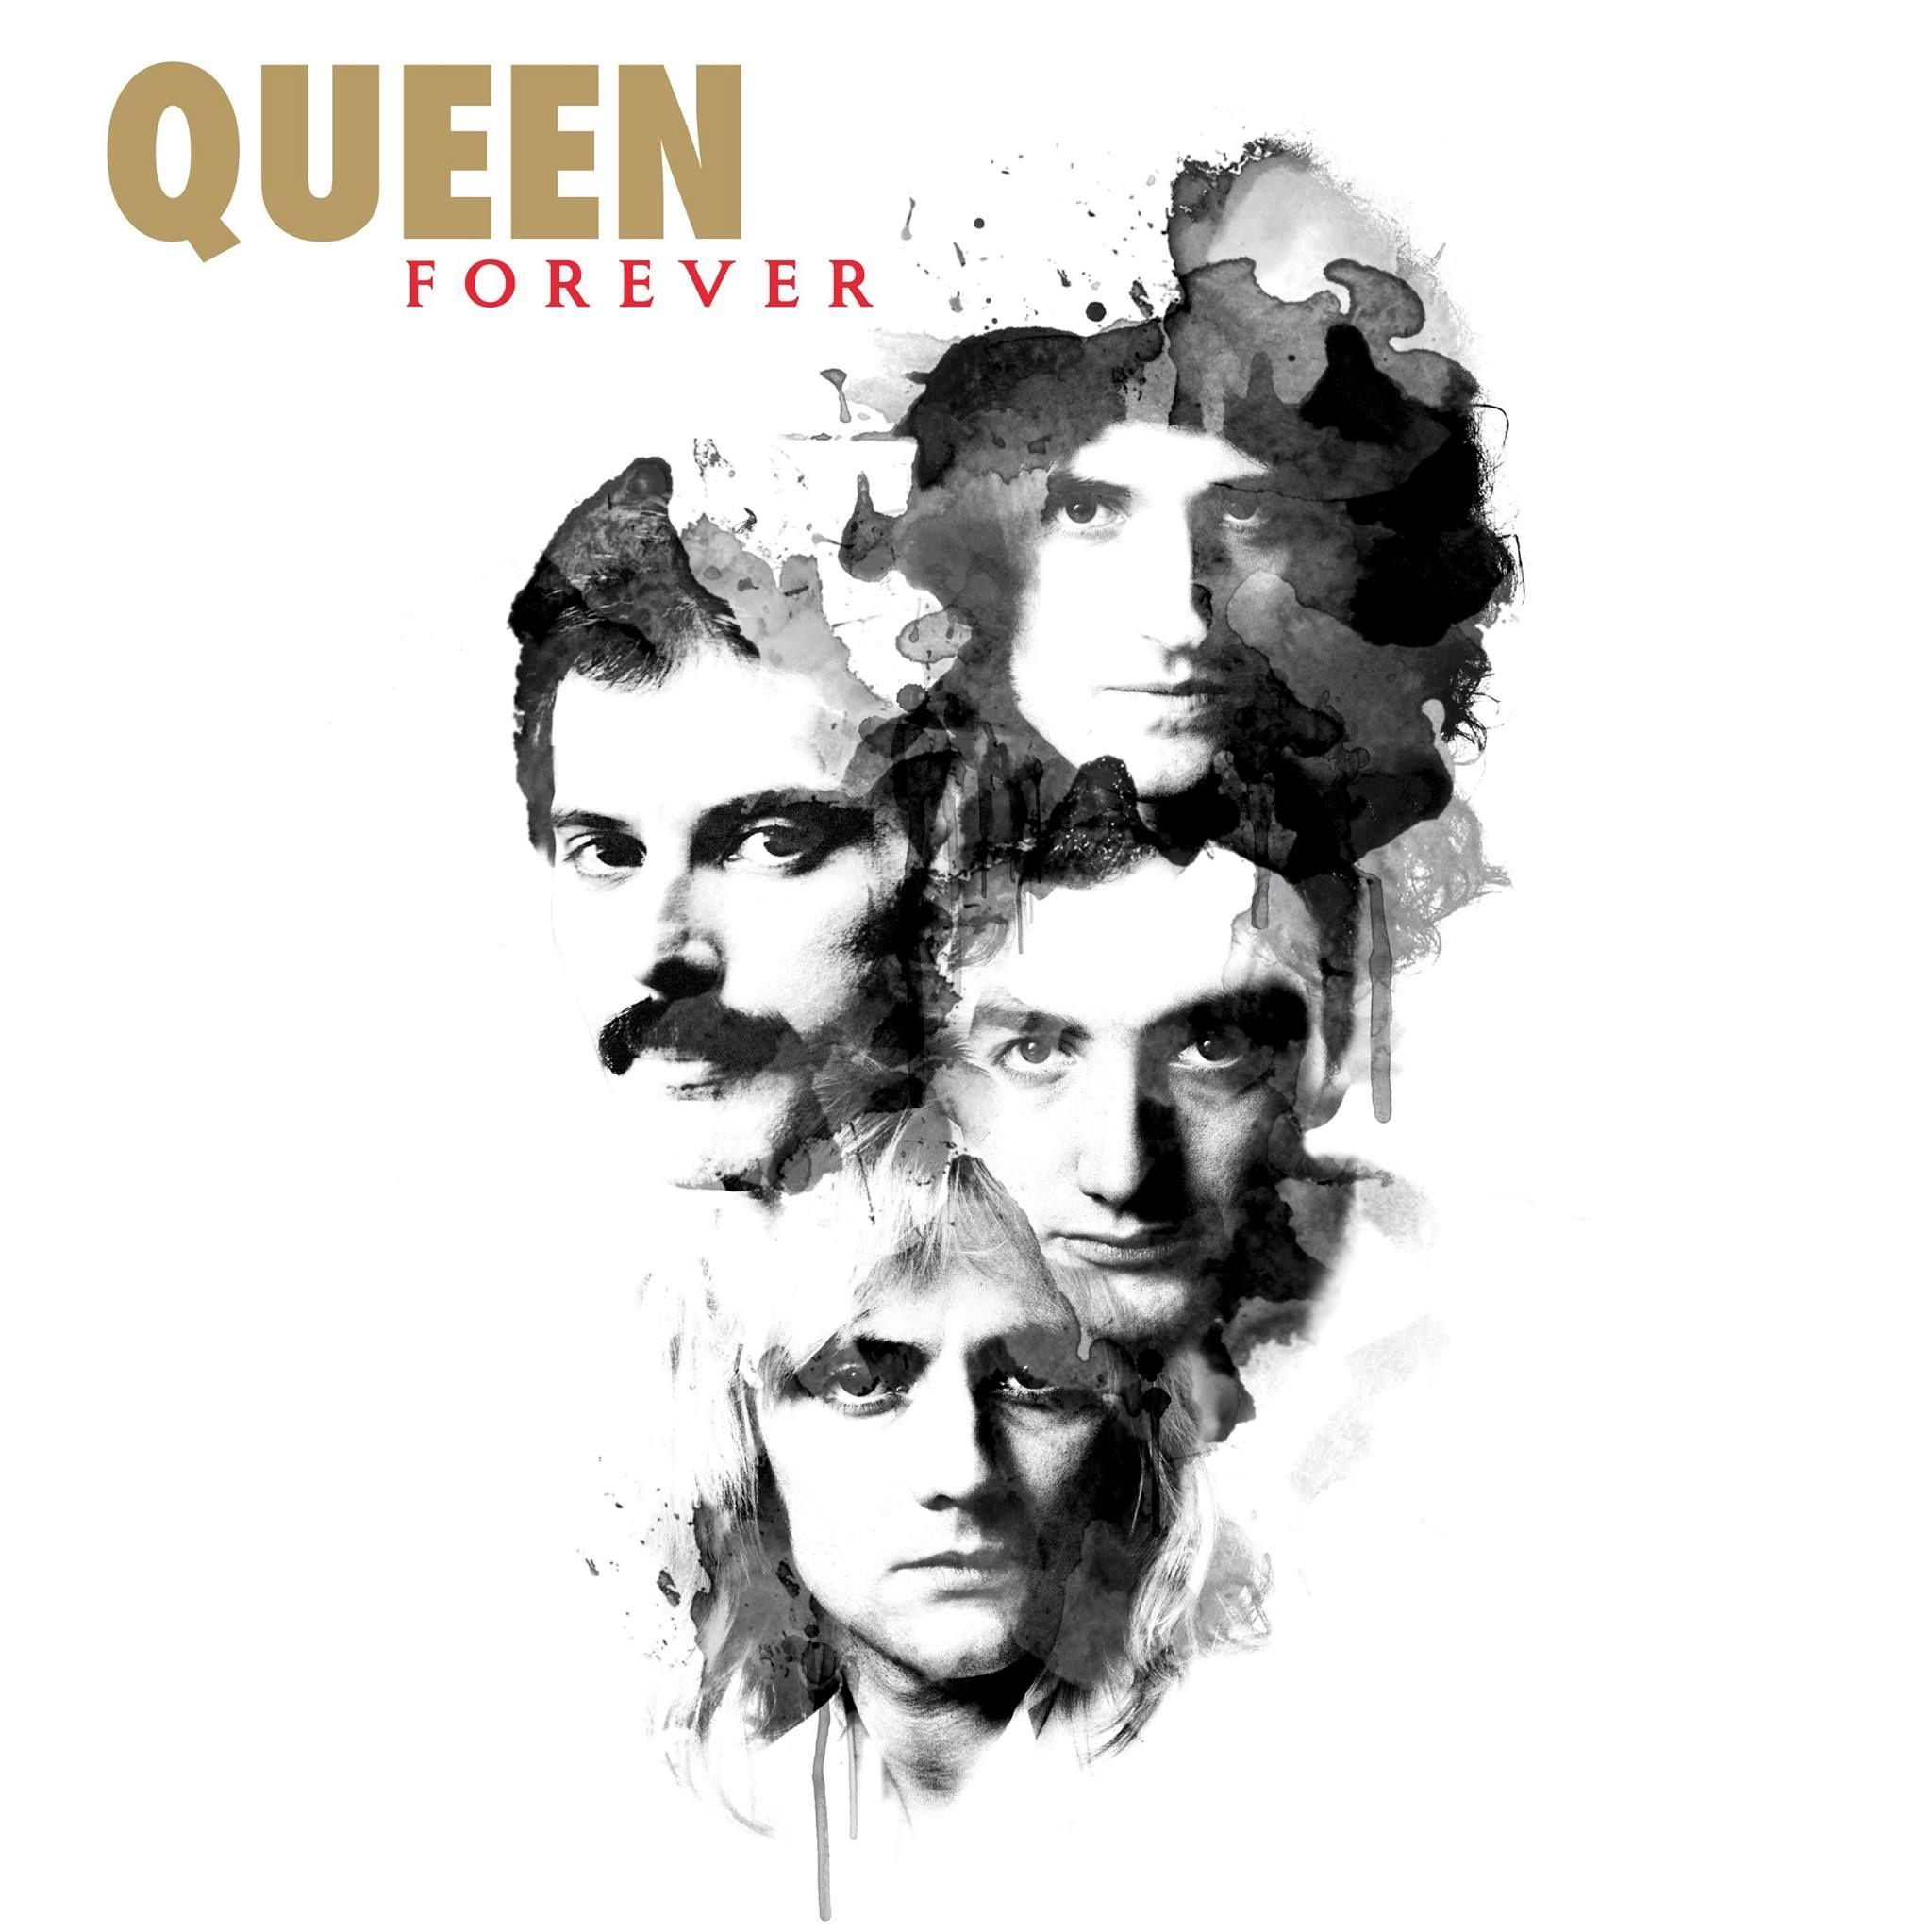 Queen - Queen Forever album cover